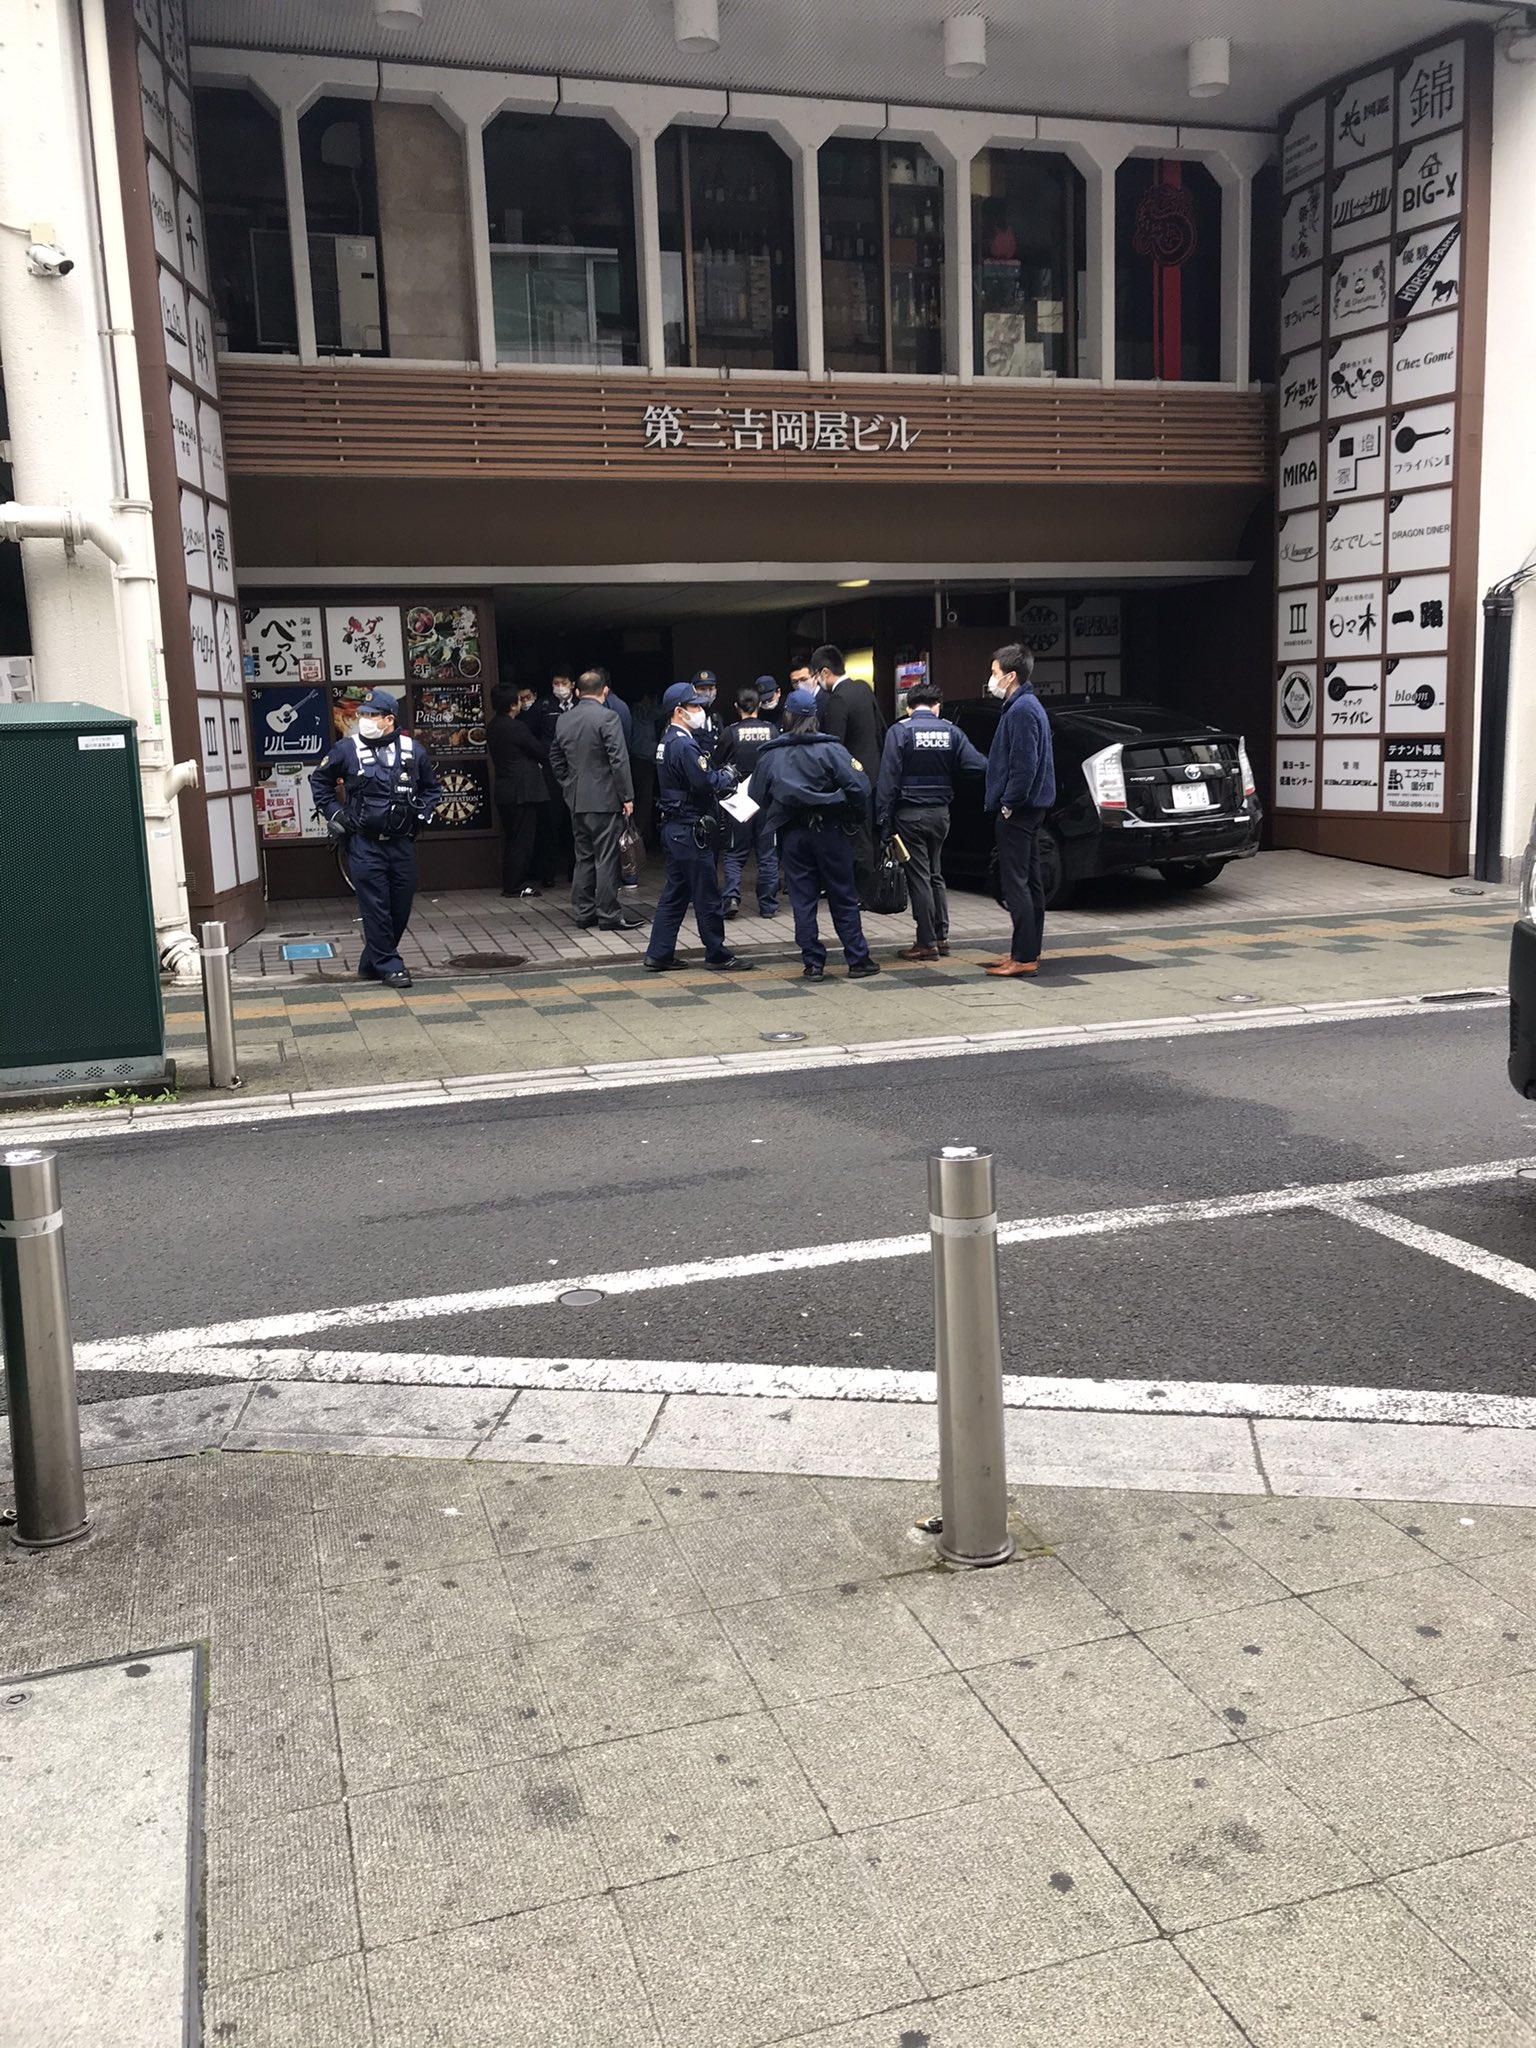 画像,分町で事件かな20人くらい警察来てる https://t.co/pDx9dRy4LO。